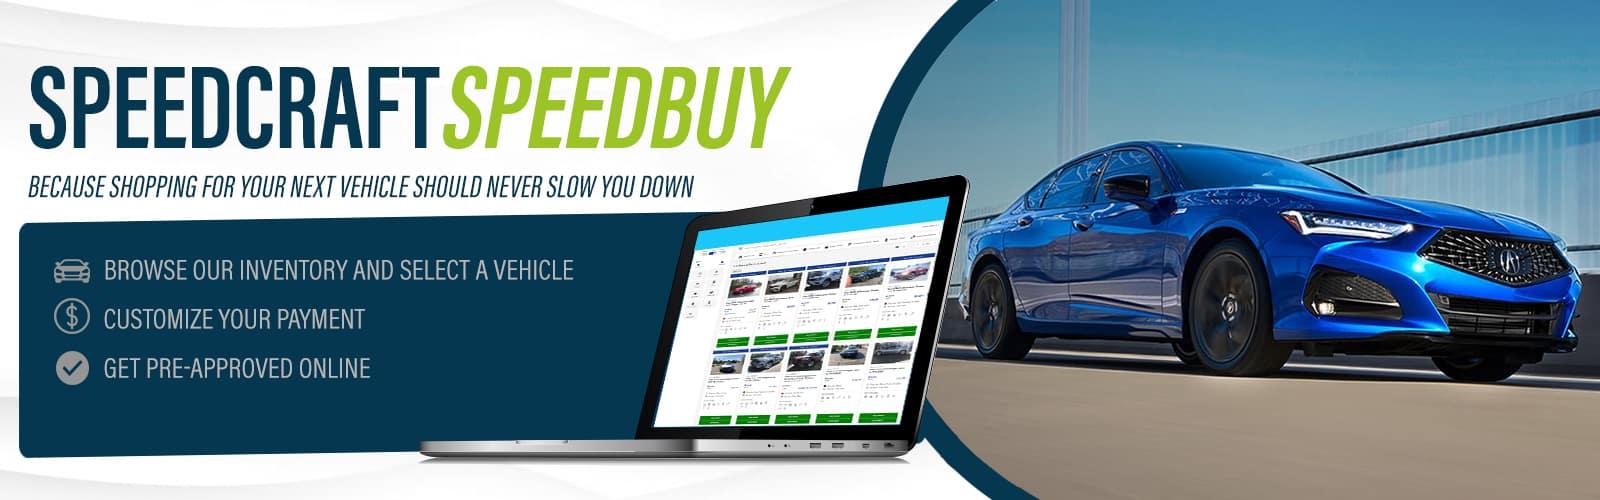 Acura Speedcraft Speedbuy